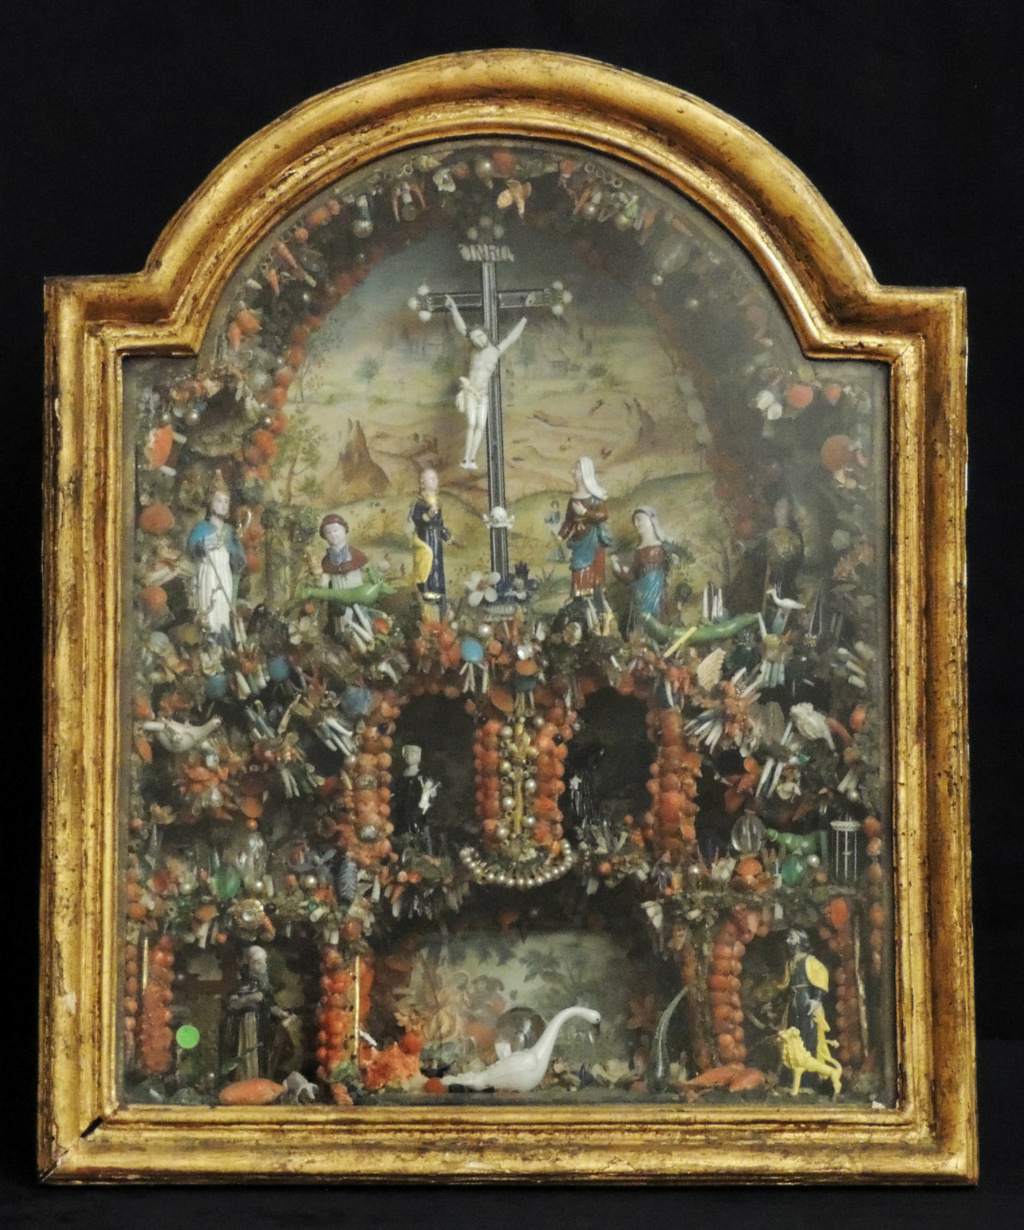 Le verre de Nevers, l'art du travail à la lampe et des verres filés 71343910